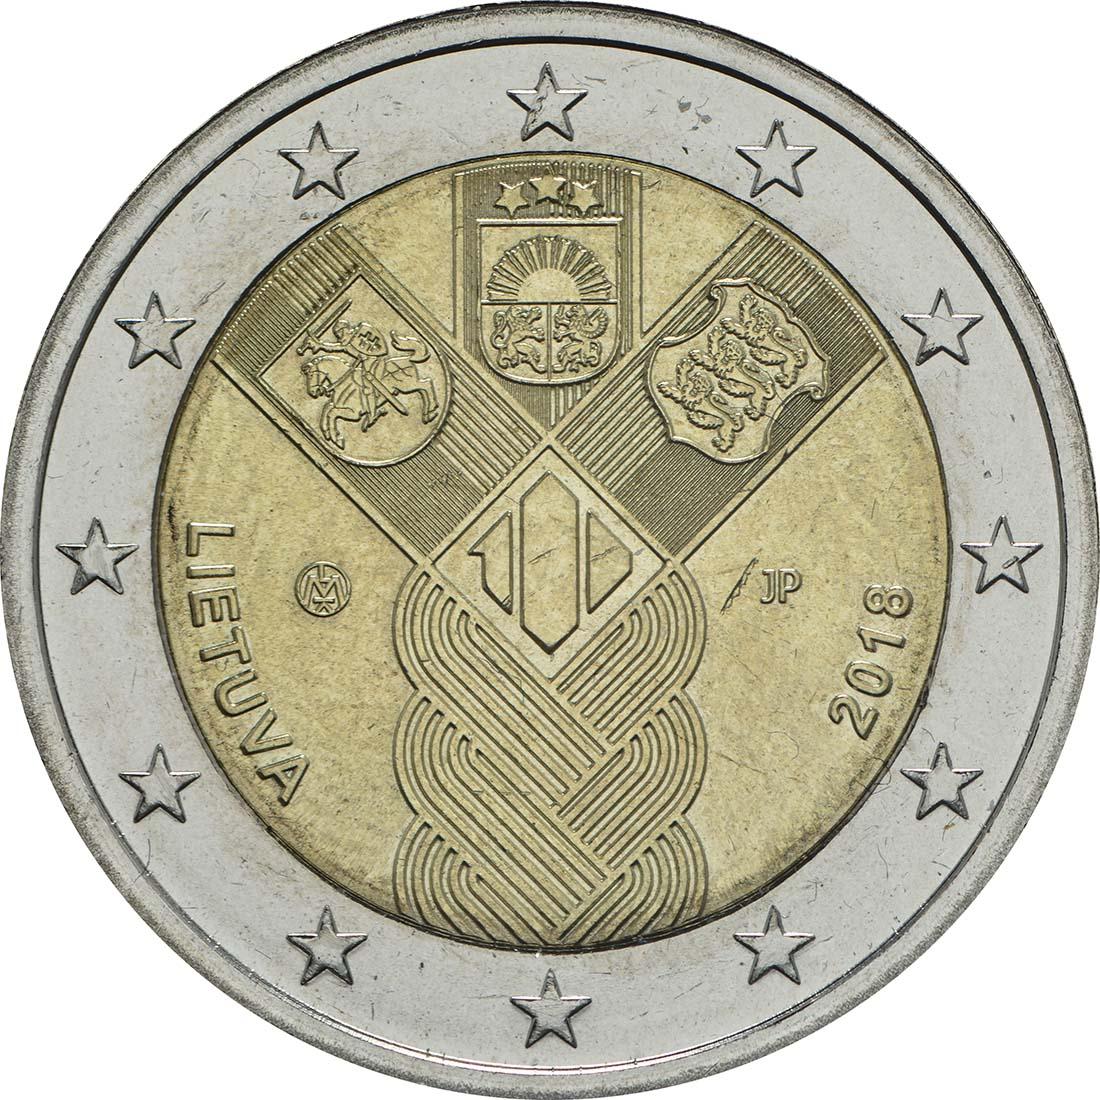 2018 304 Litauen Unabhängigkeit.jpg